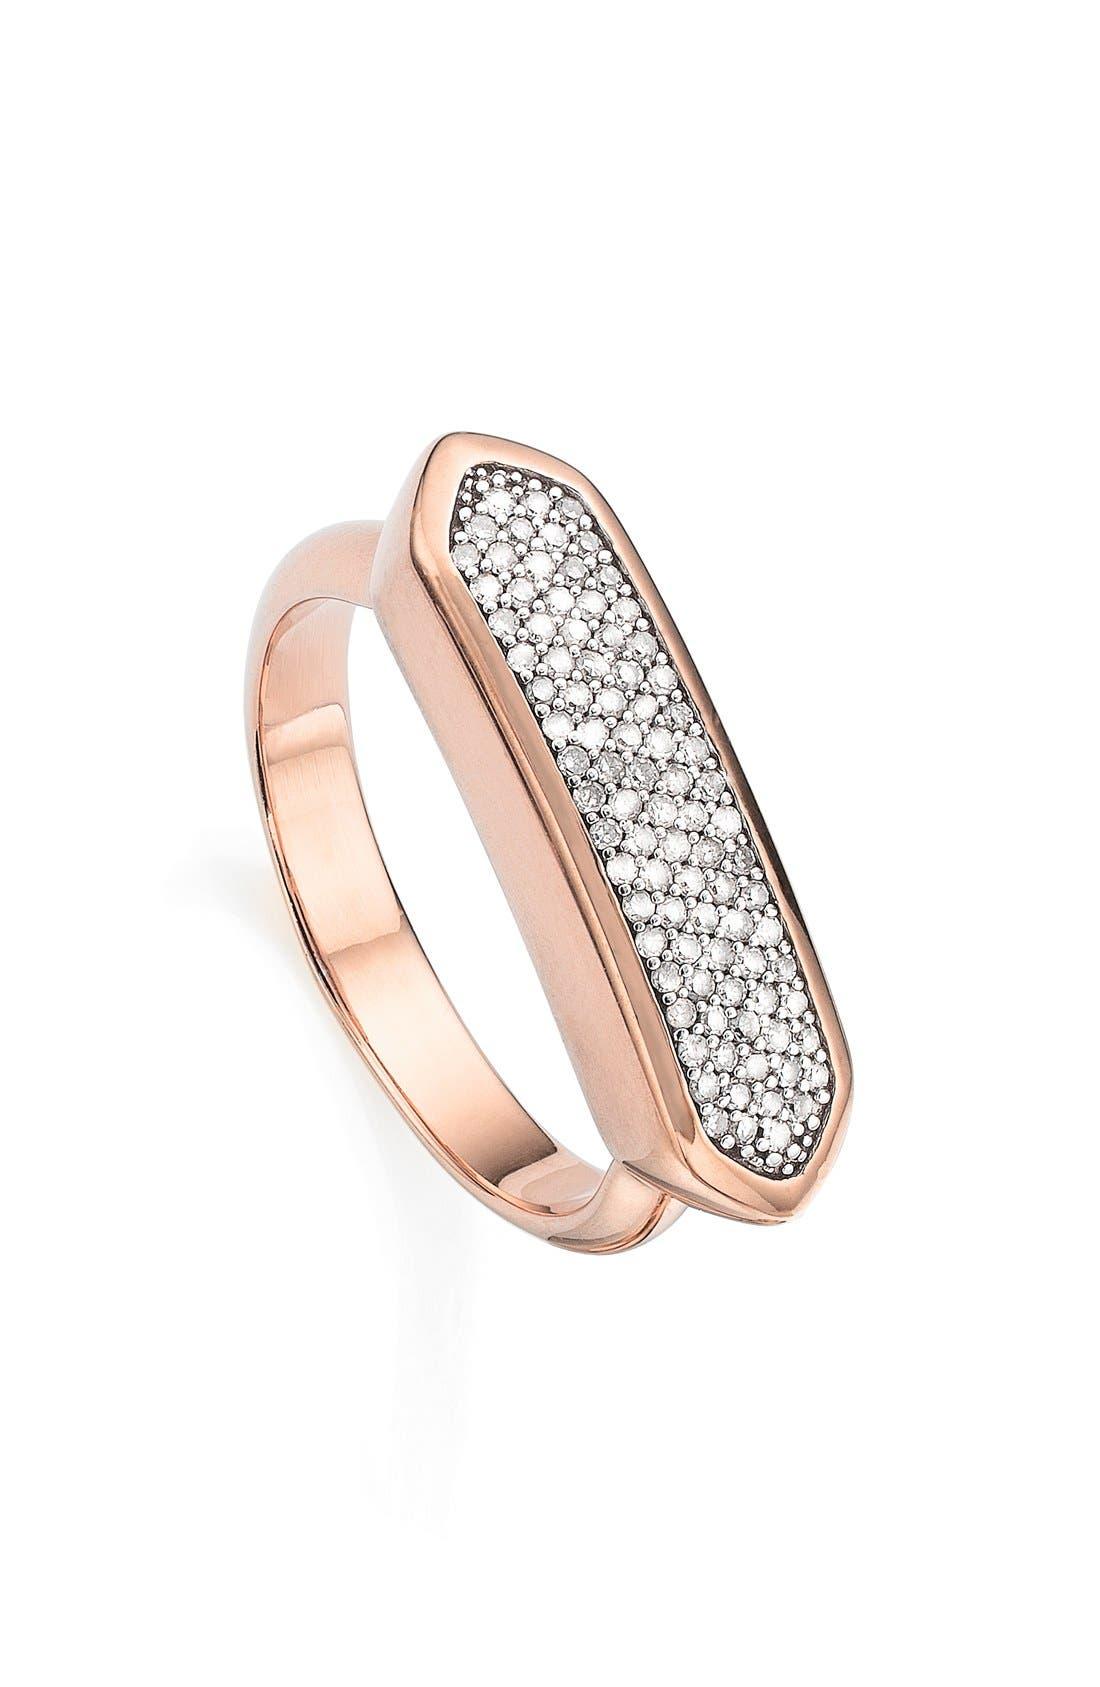 'Baja' Stone Ring,                             Main thumbnail 1, color,                             ROSE GOLD/ DIAMOND